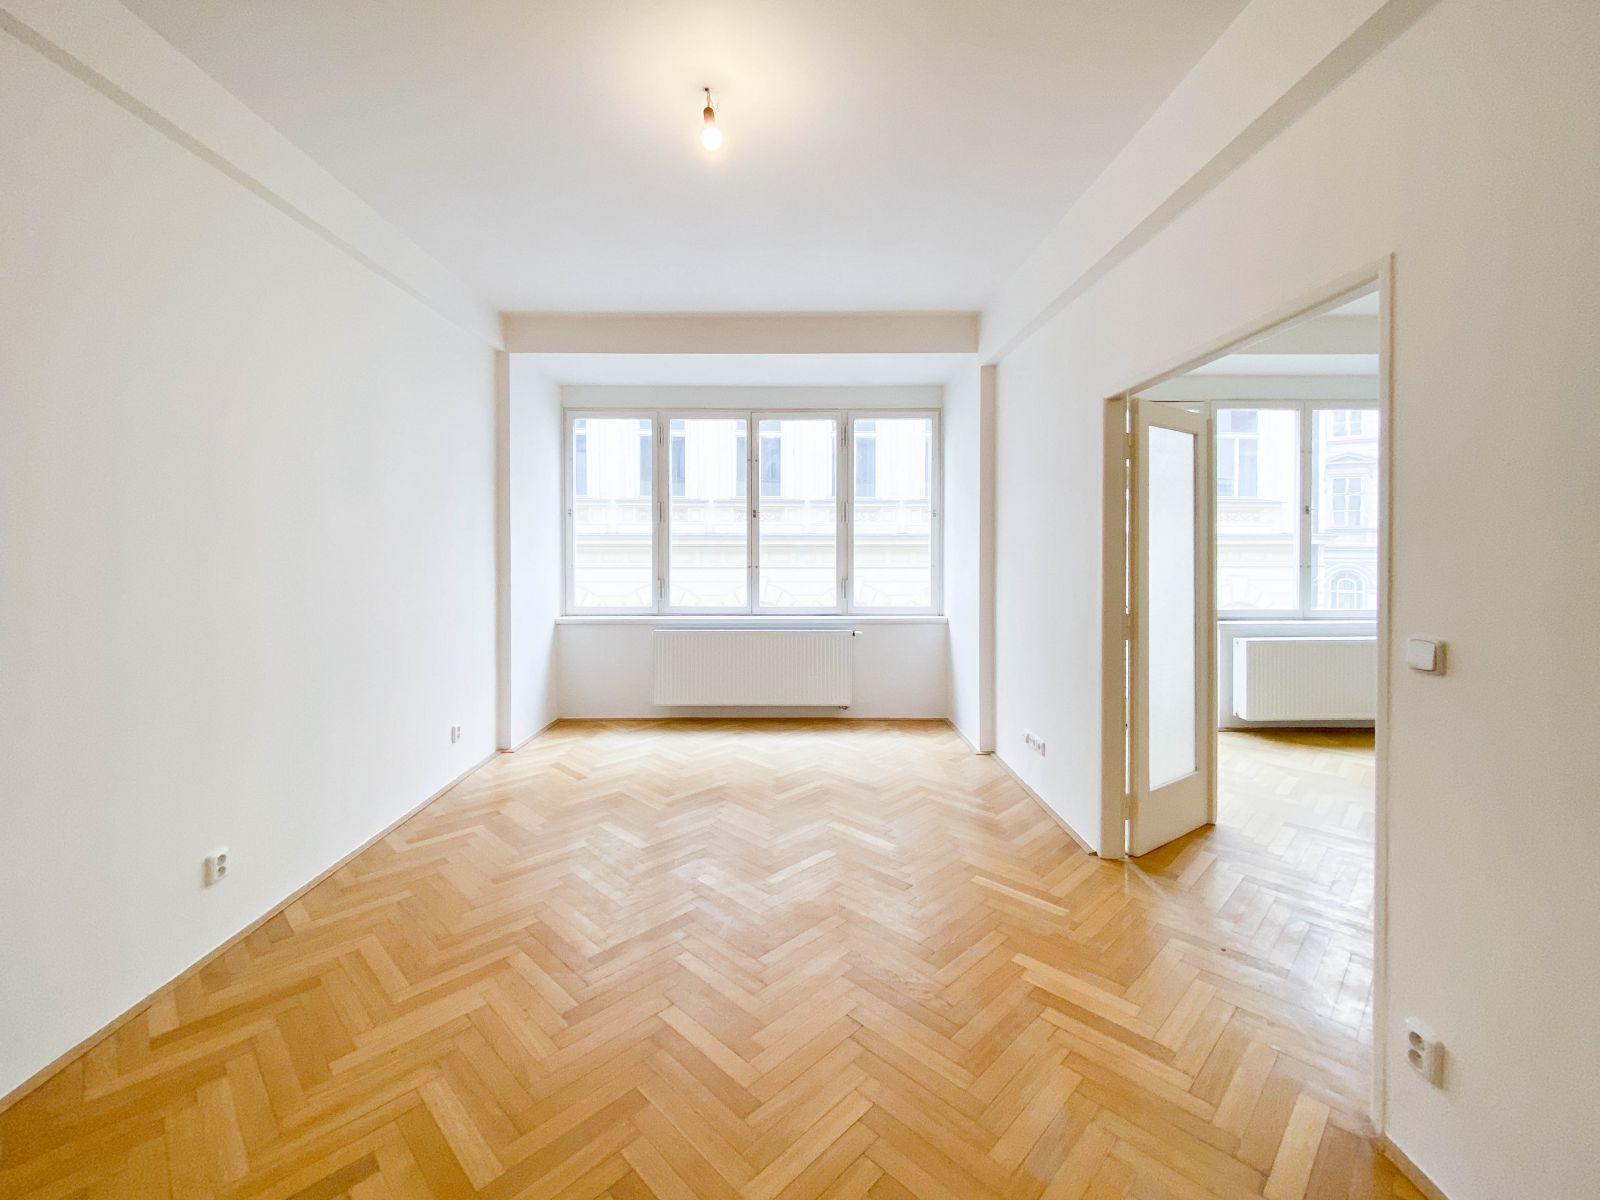 Pronájem nezařízeného bytu 3+1 83m2, balkon, Staré Město, Praha 1, Bartolomějská ulice